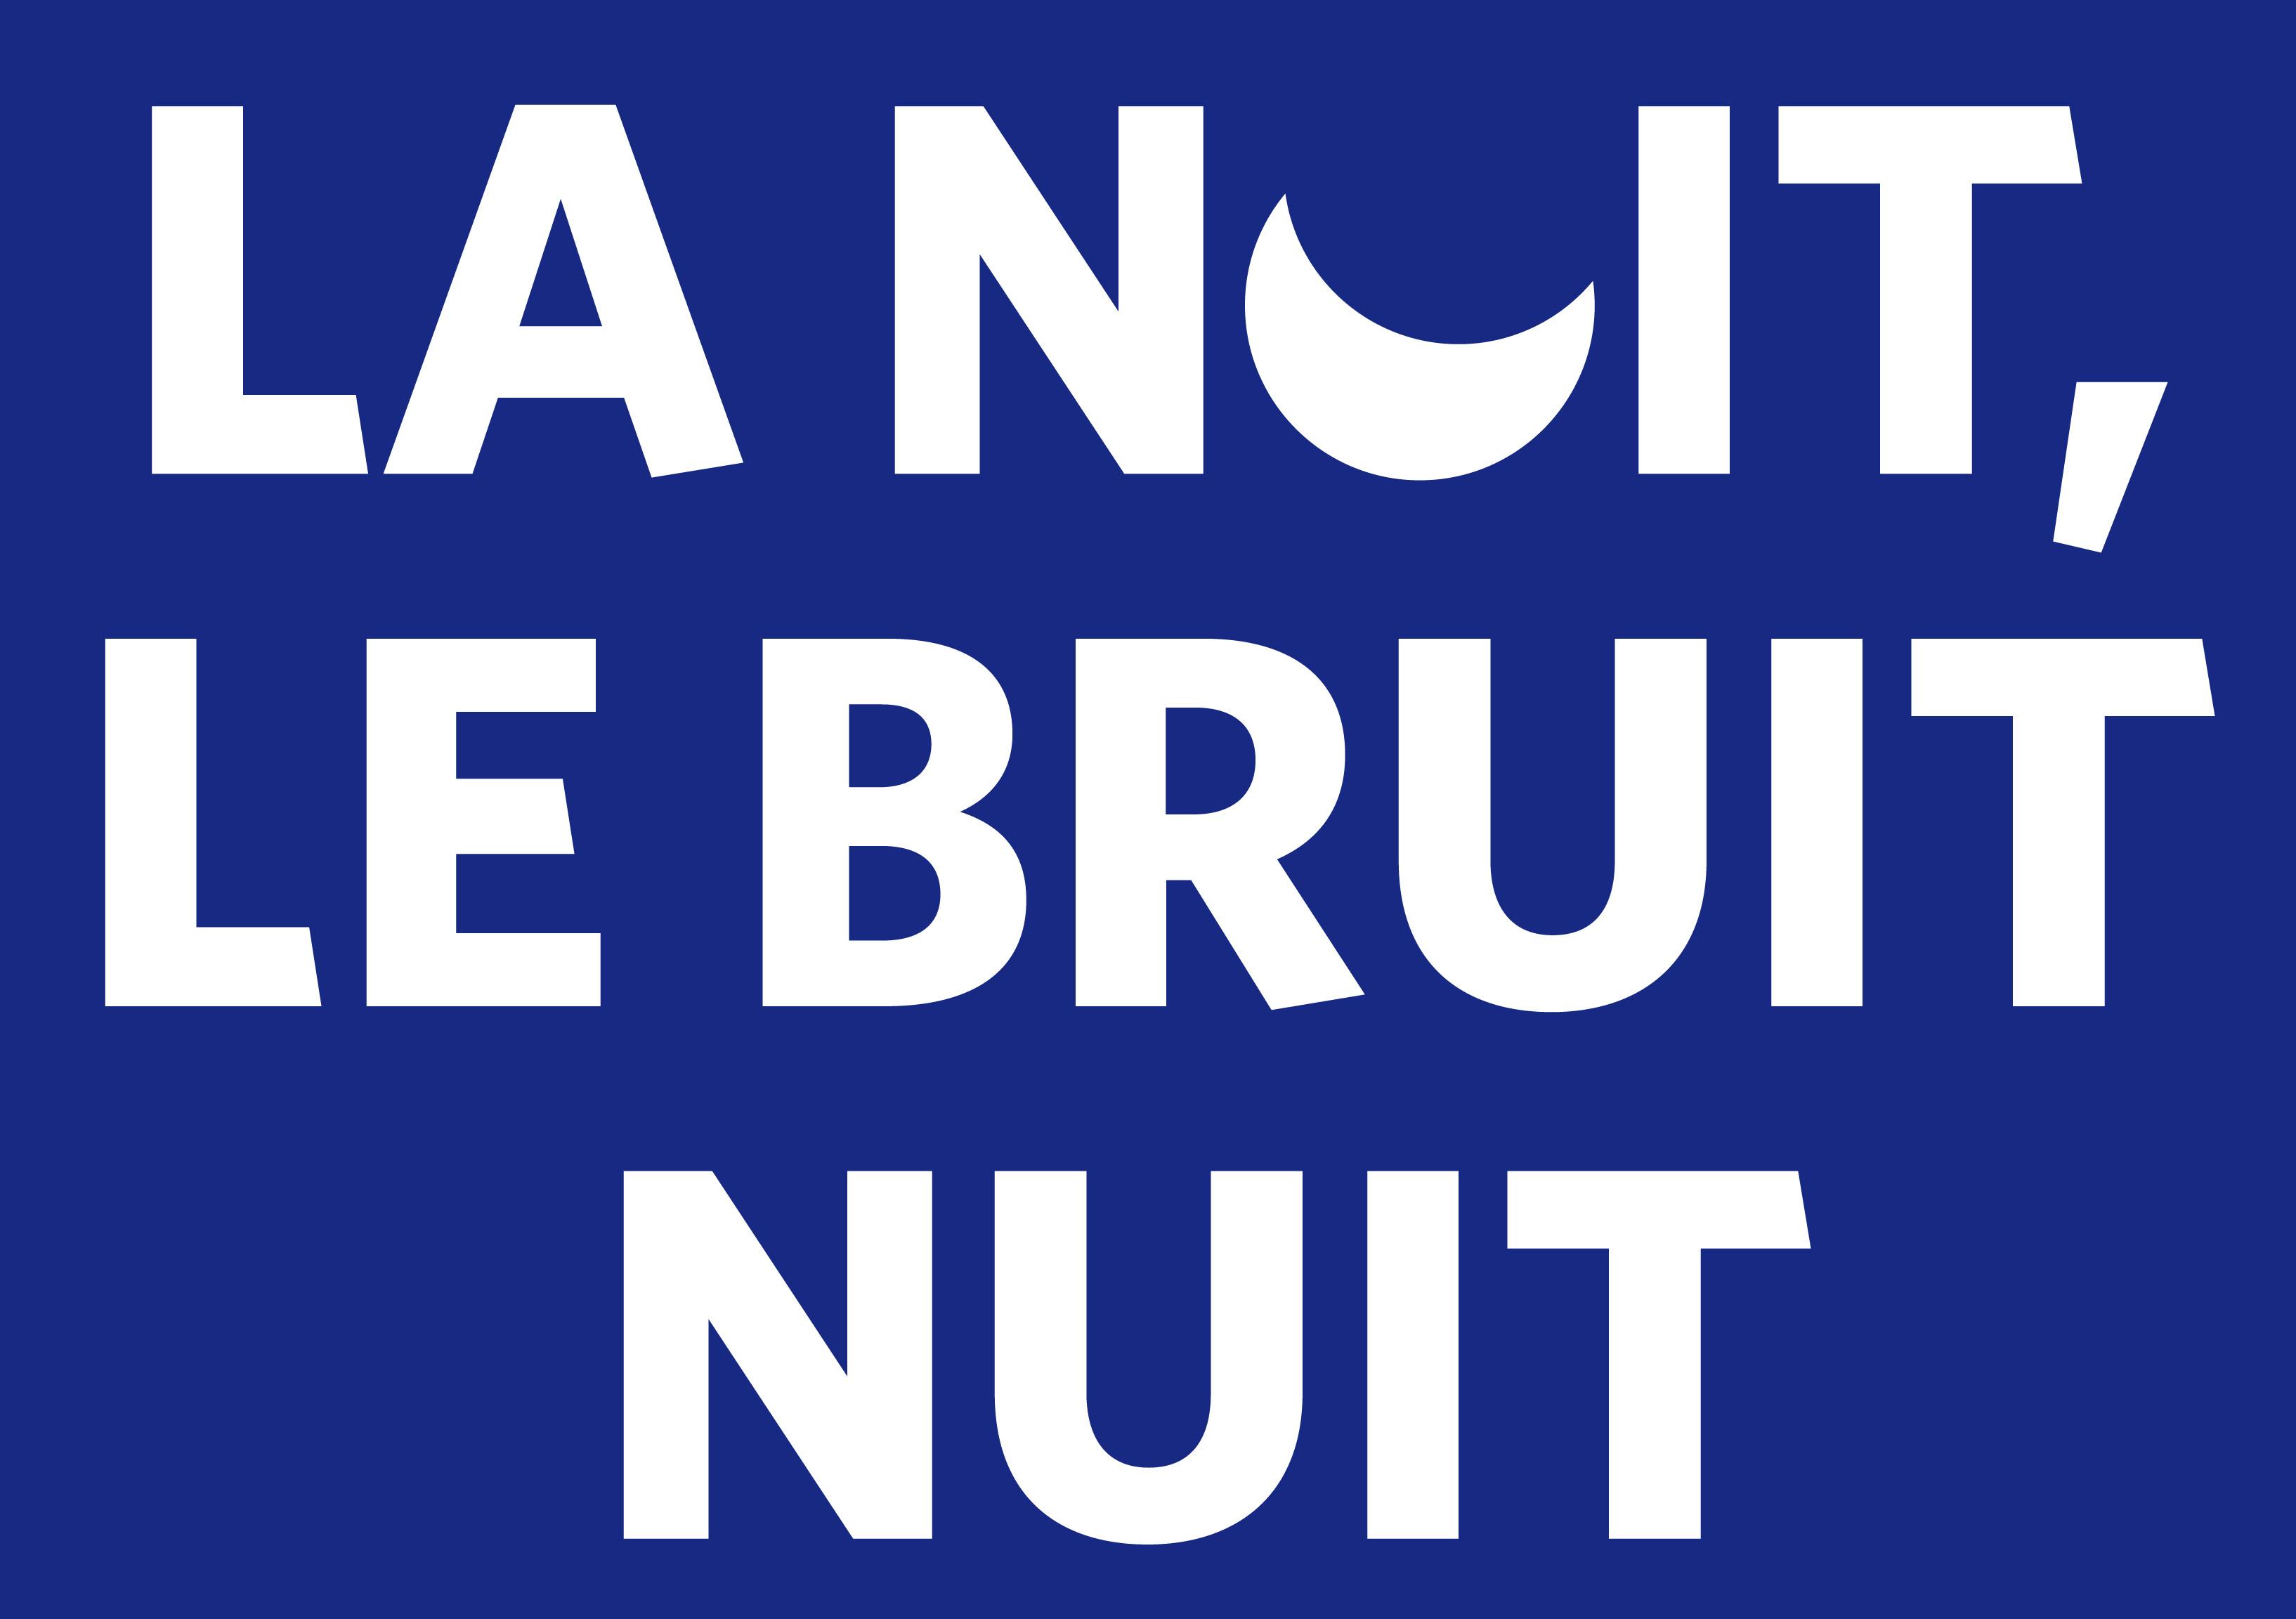 Ville de montr al arrondissement de ville marie bruit - Bruit dans les combles la nuit ...